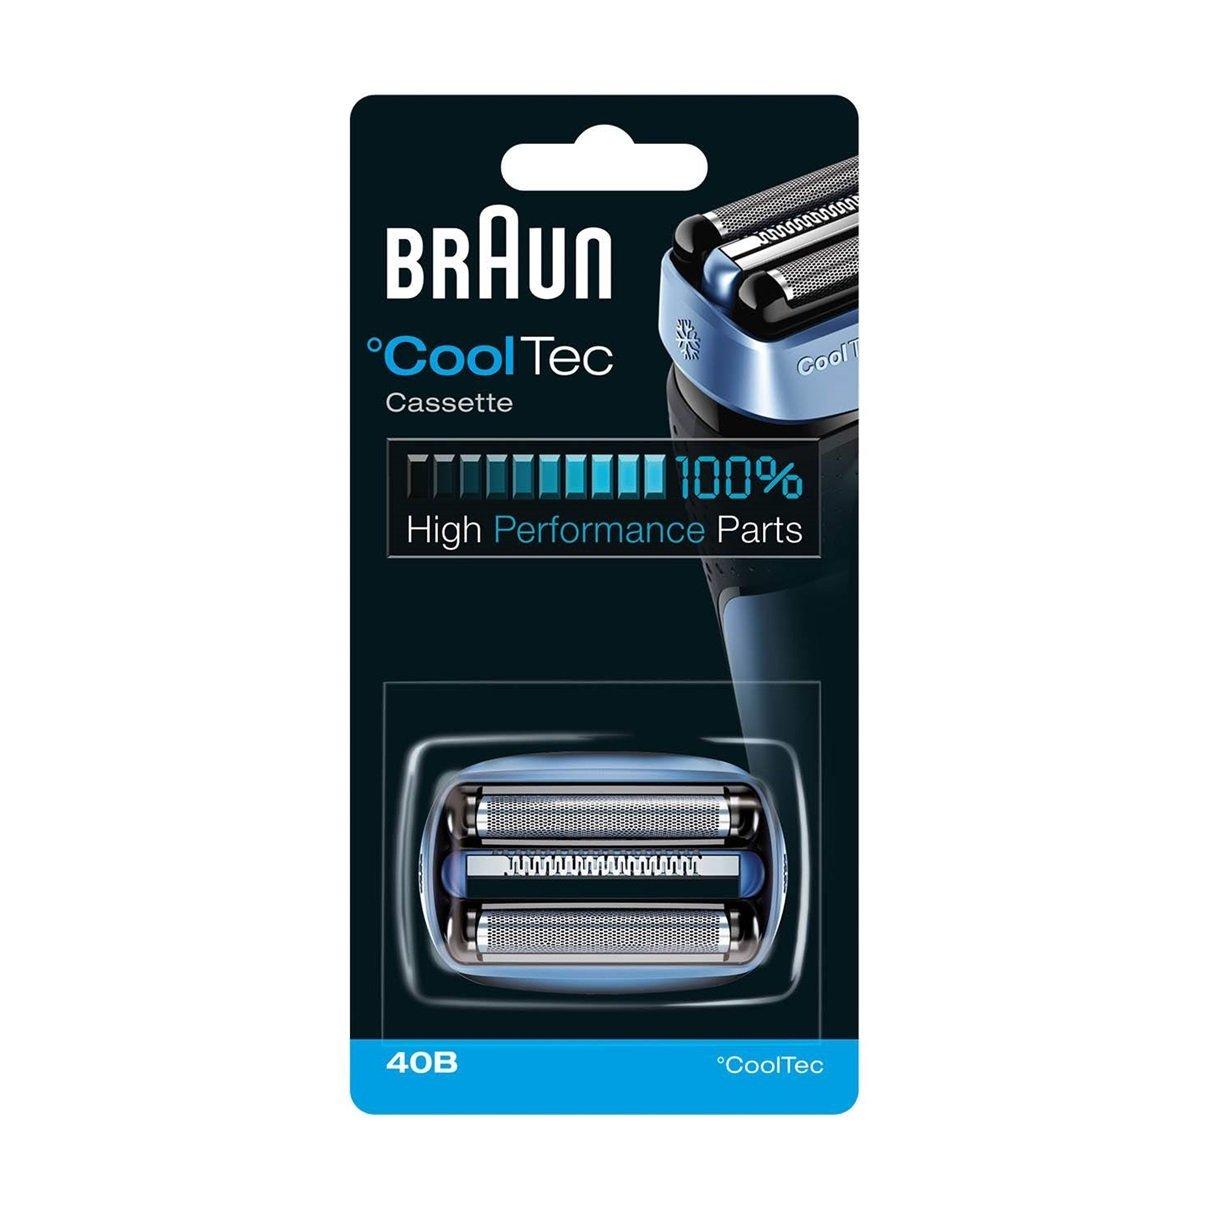 Braun CoolTec, 1 Cassette 40B Braun 40B